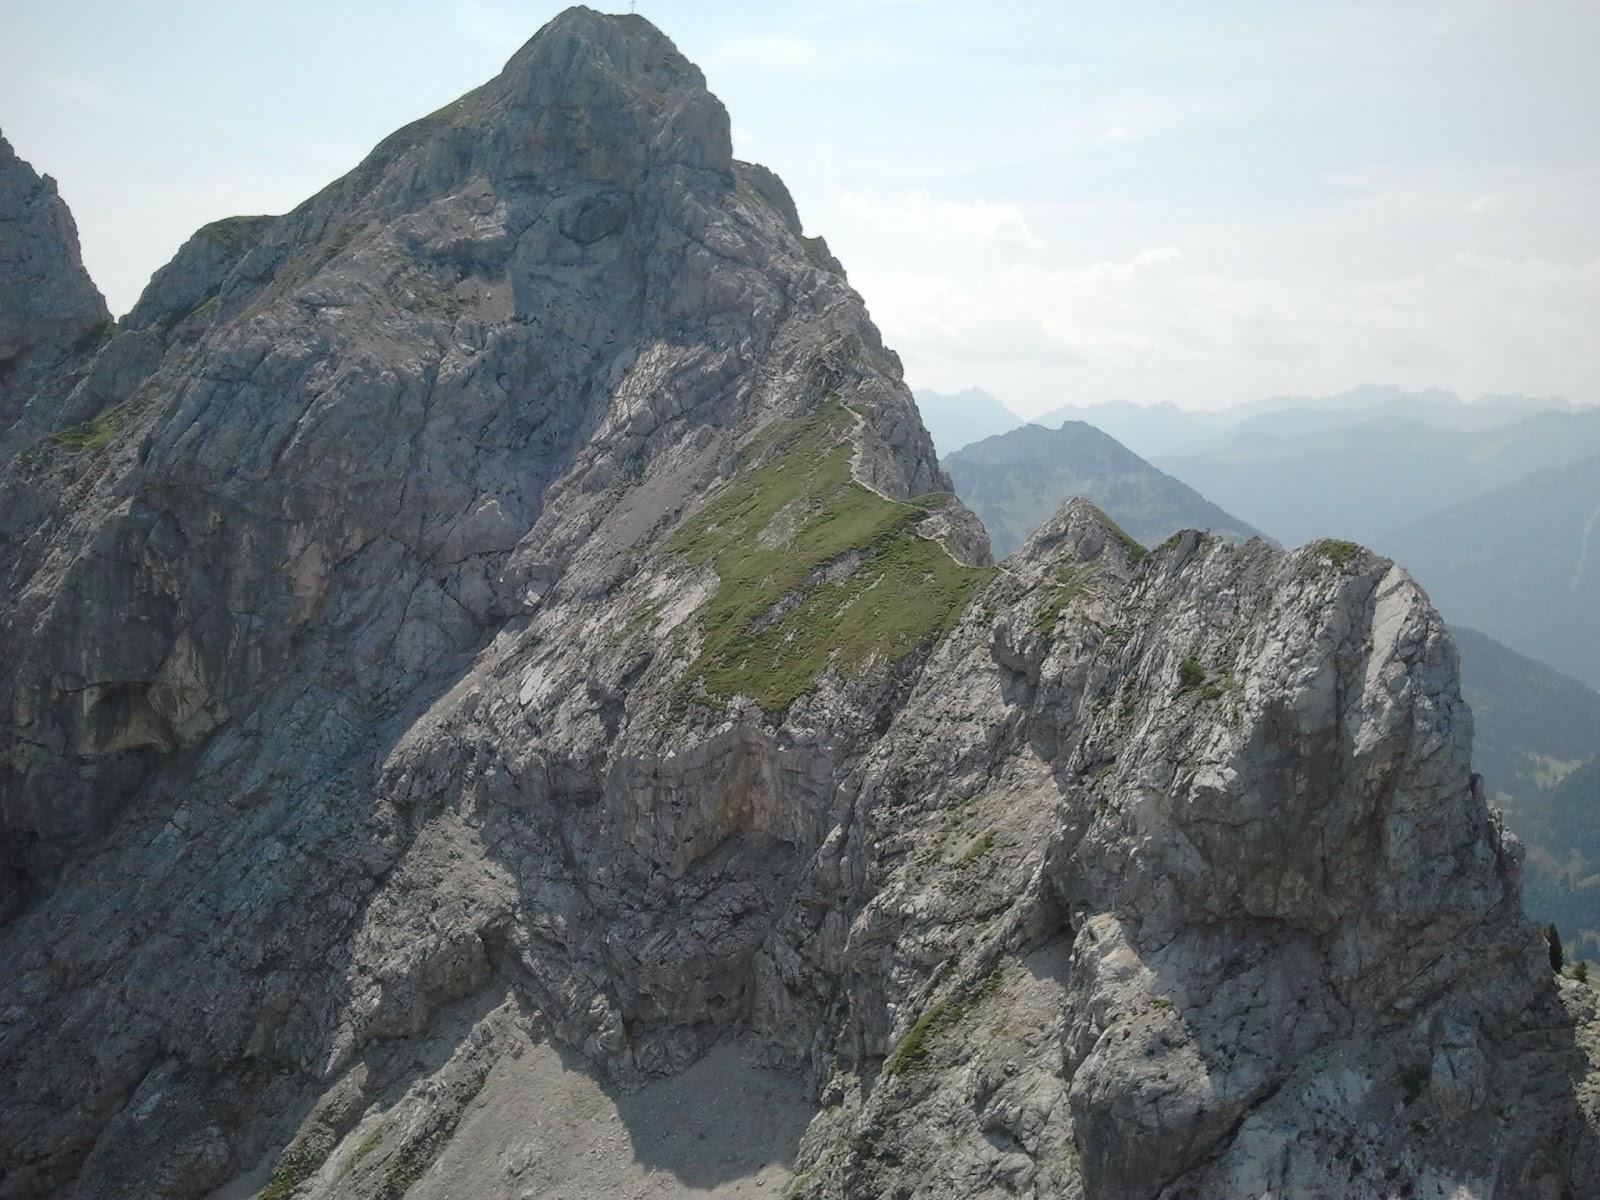 Klettersteig Tannheimer Tal : Tannheim tag friedberger klettersteig mit rote flüh tri lon